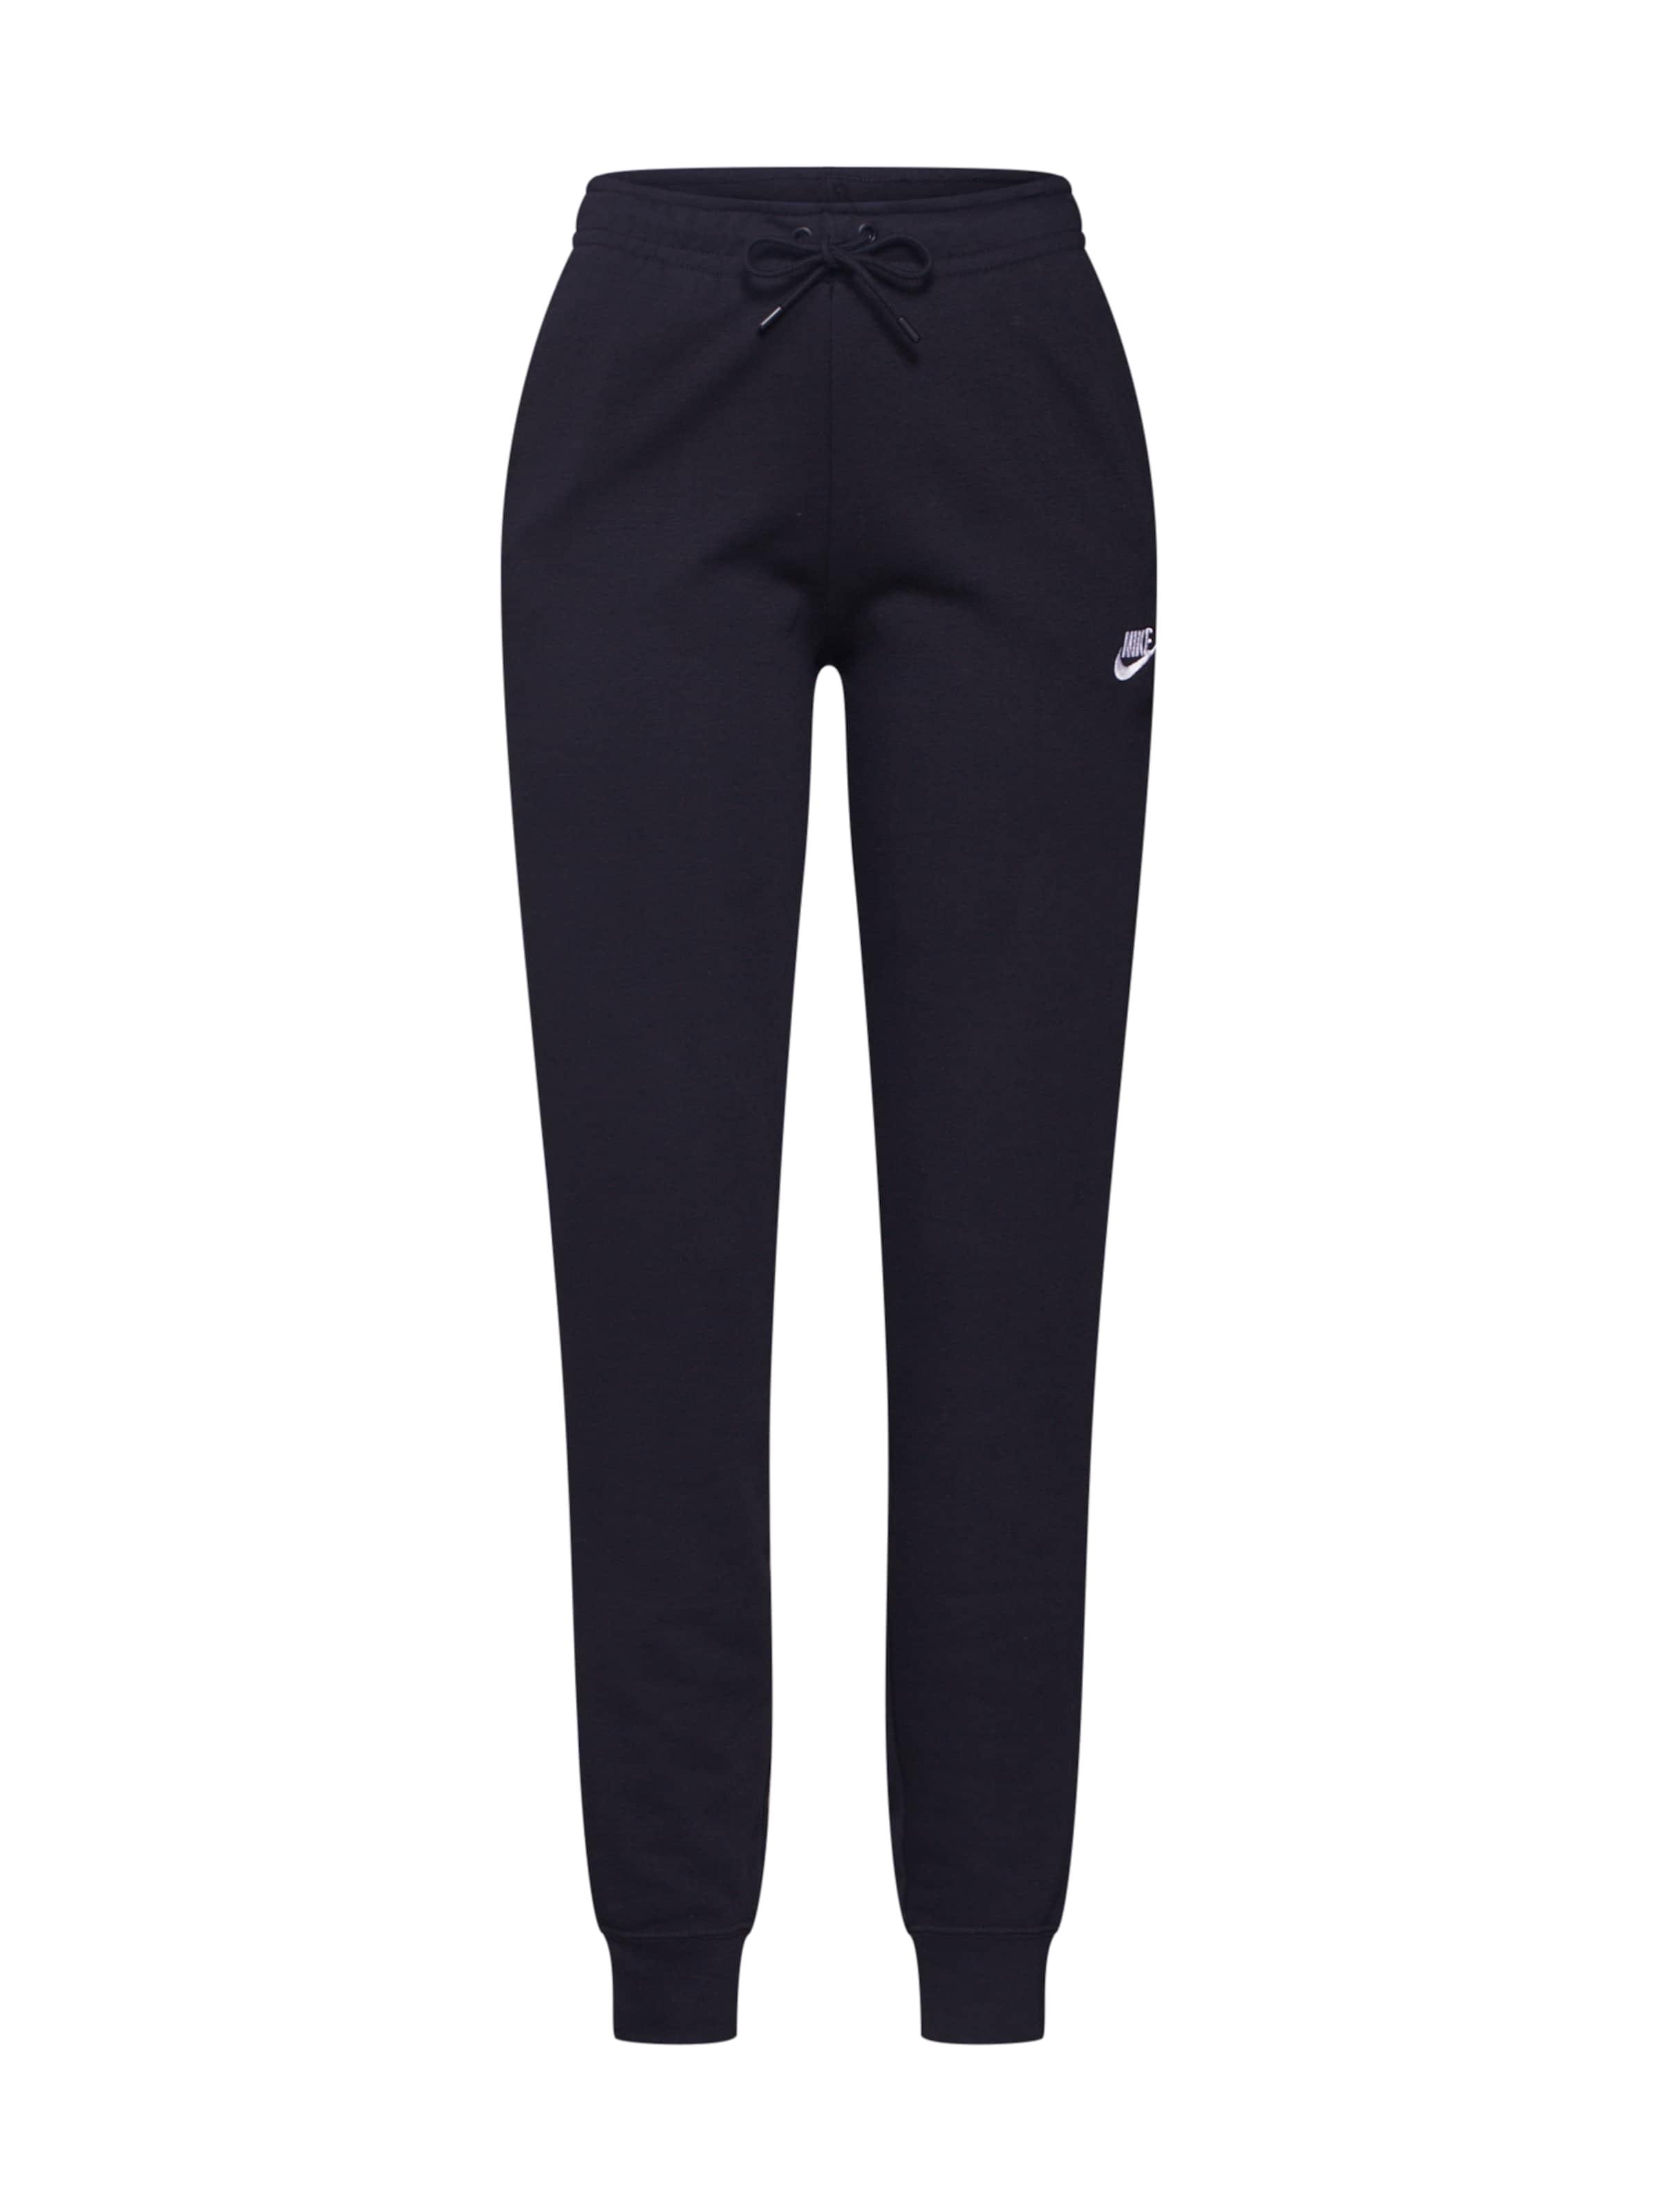 Sportswear 'essntl' In Nike Sweathose Schwarz f7gyvmYbI6